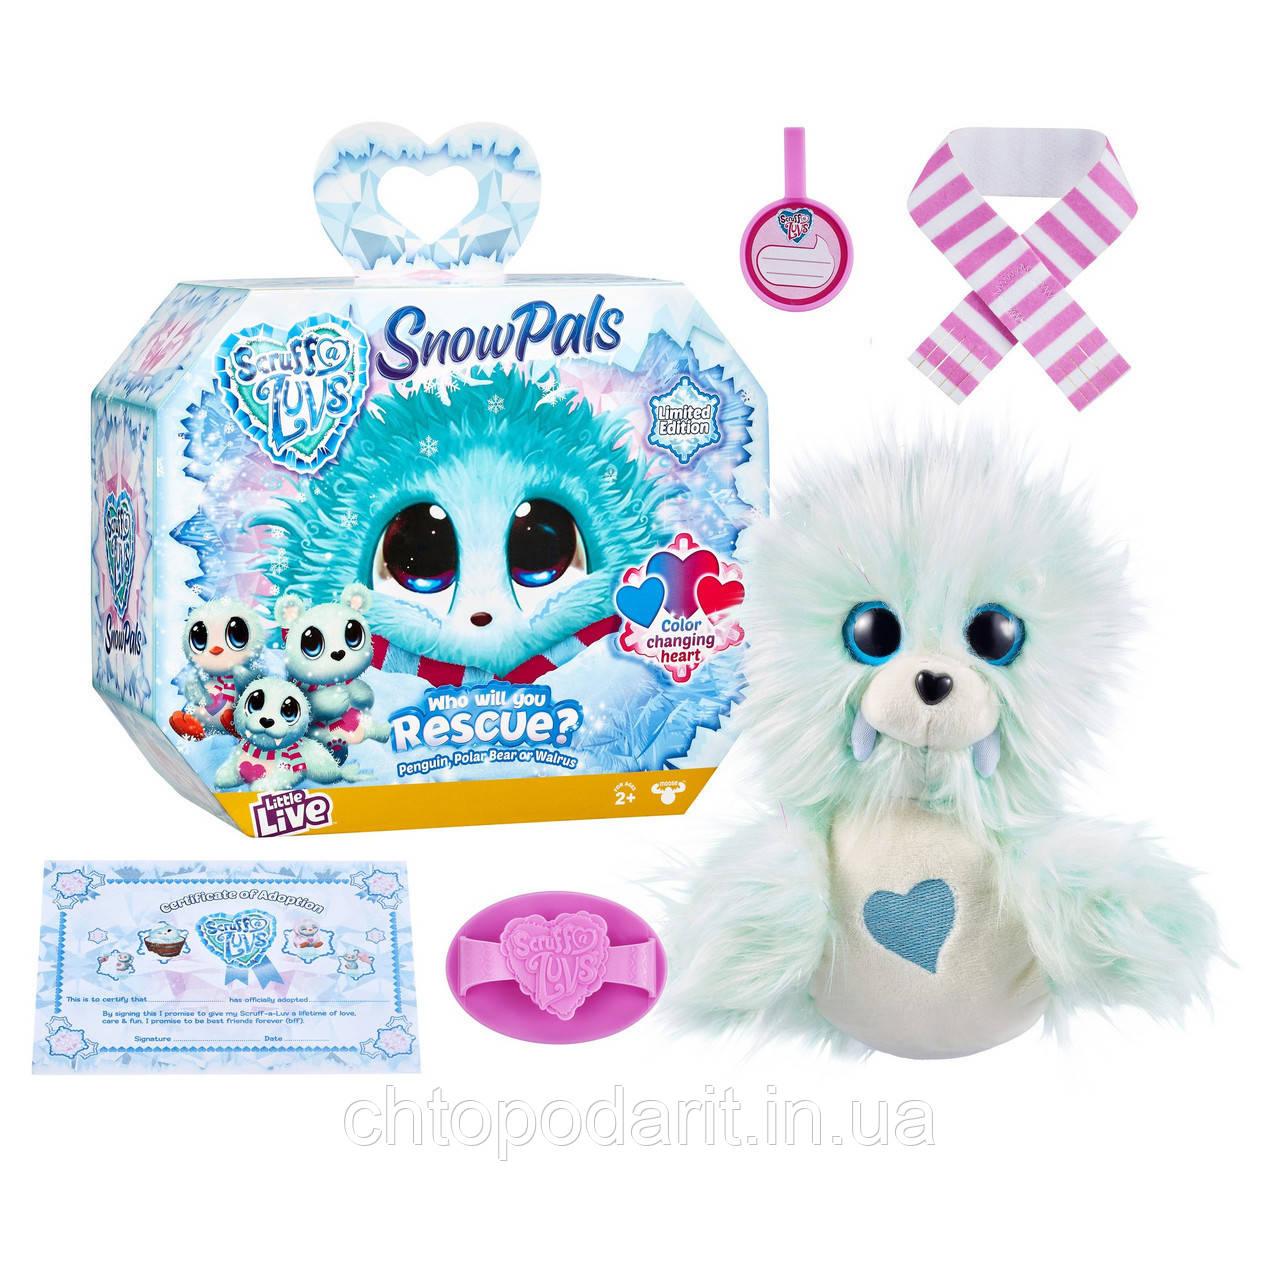 Пушистик потеряшка «Снежные друзья» игрушка сюрприз Scruff A Luvs Snow Pals Код 12-2191